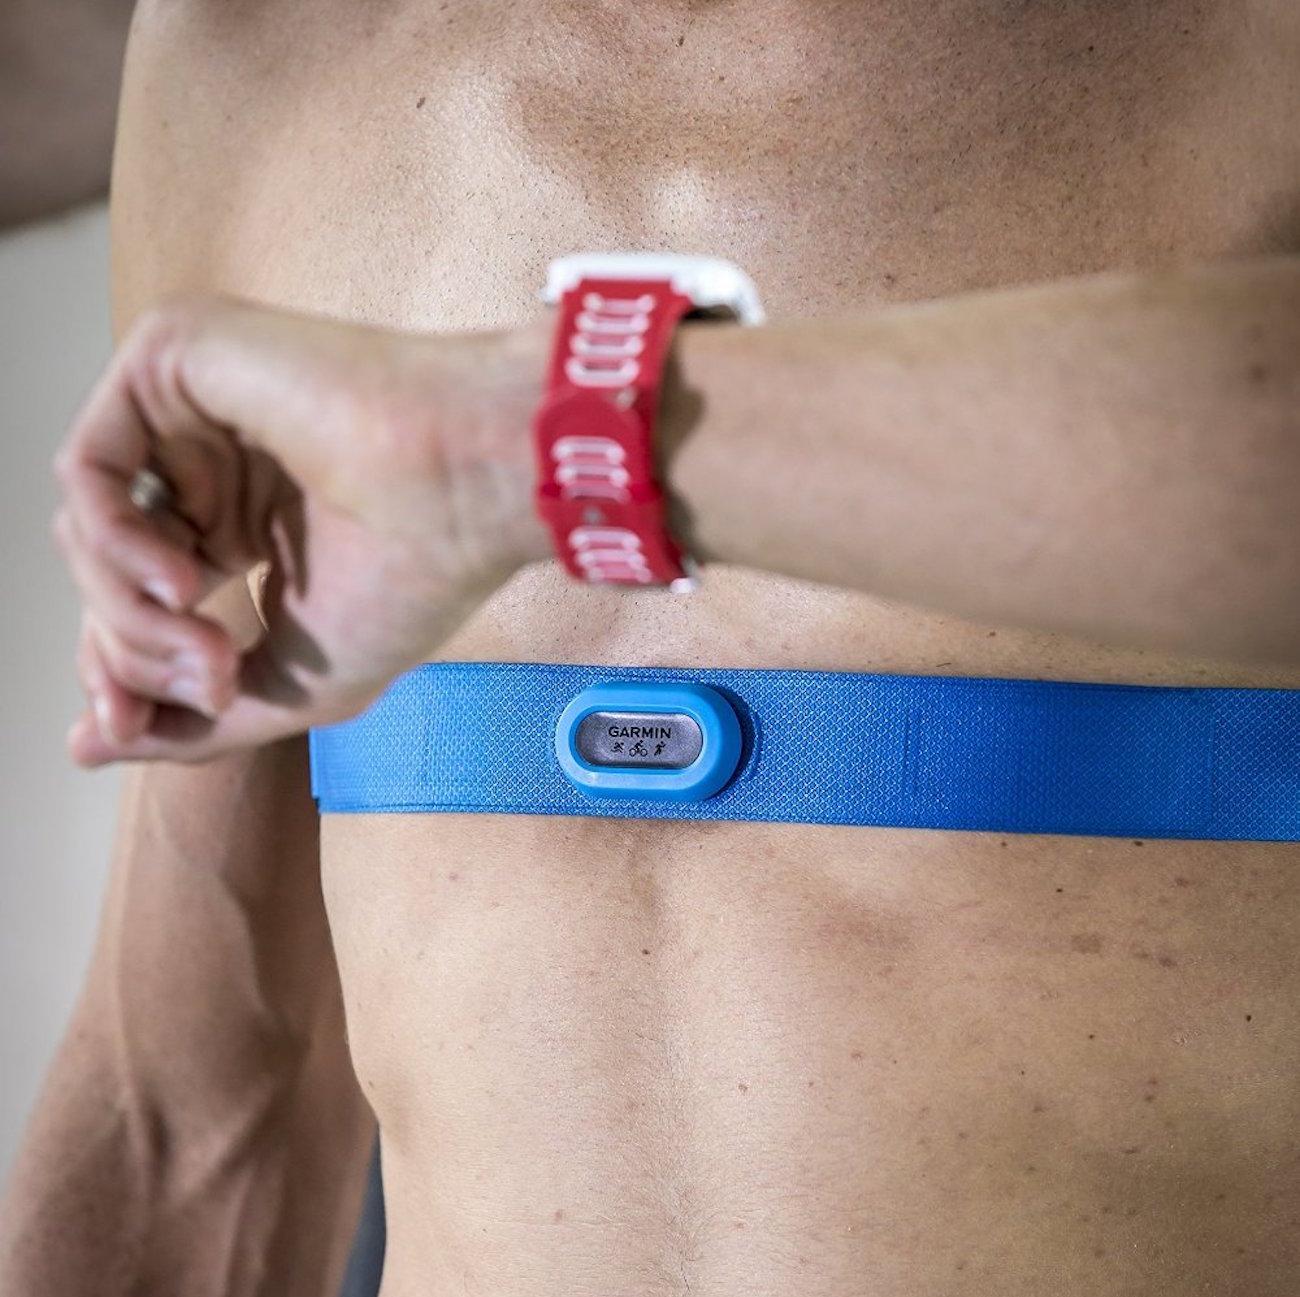 Garmin HRM-Swim Monitor